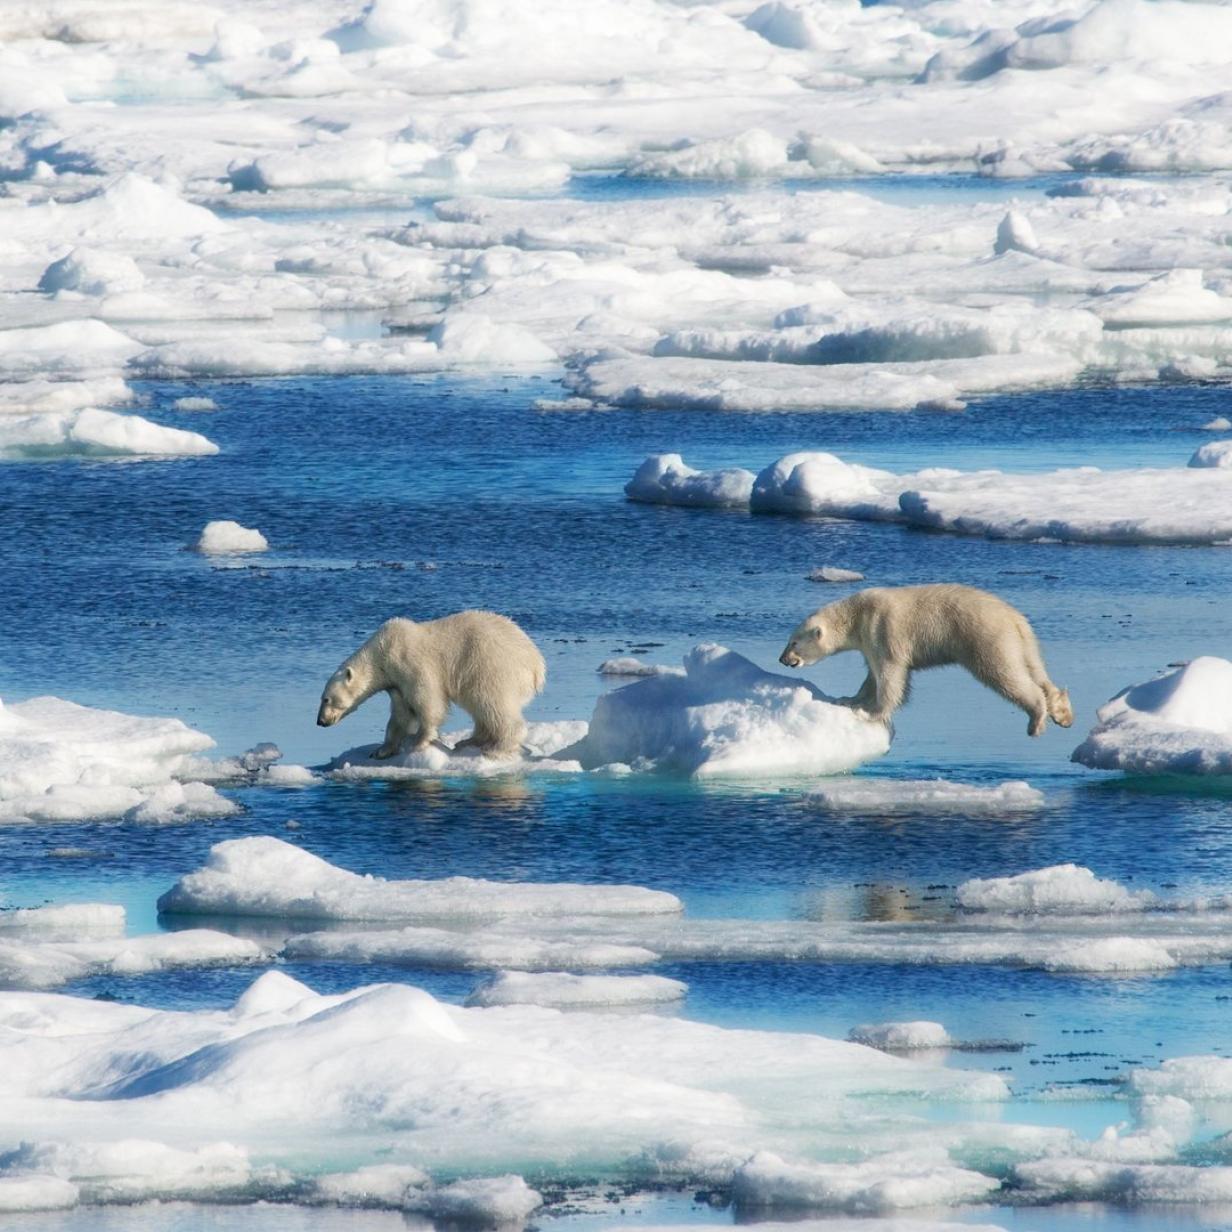 Über 50 hungrige Eisbären nähern sich kleinem Dorf